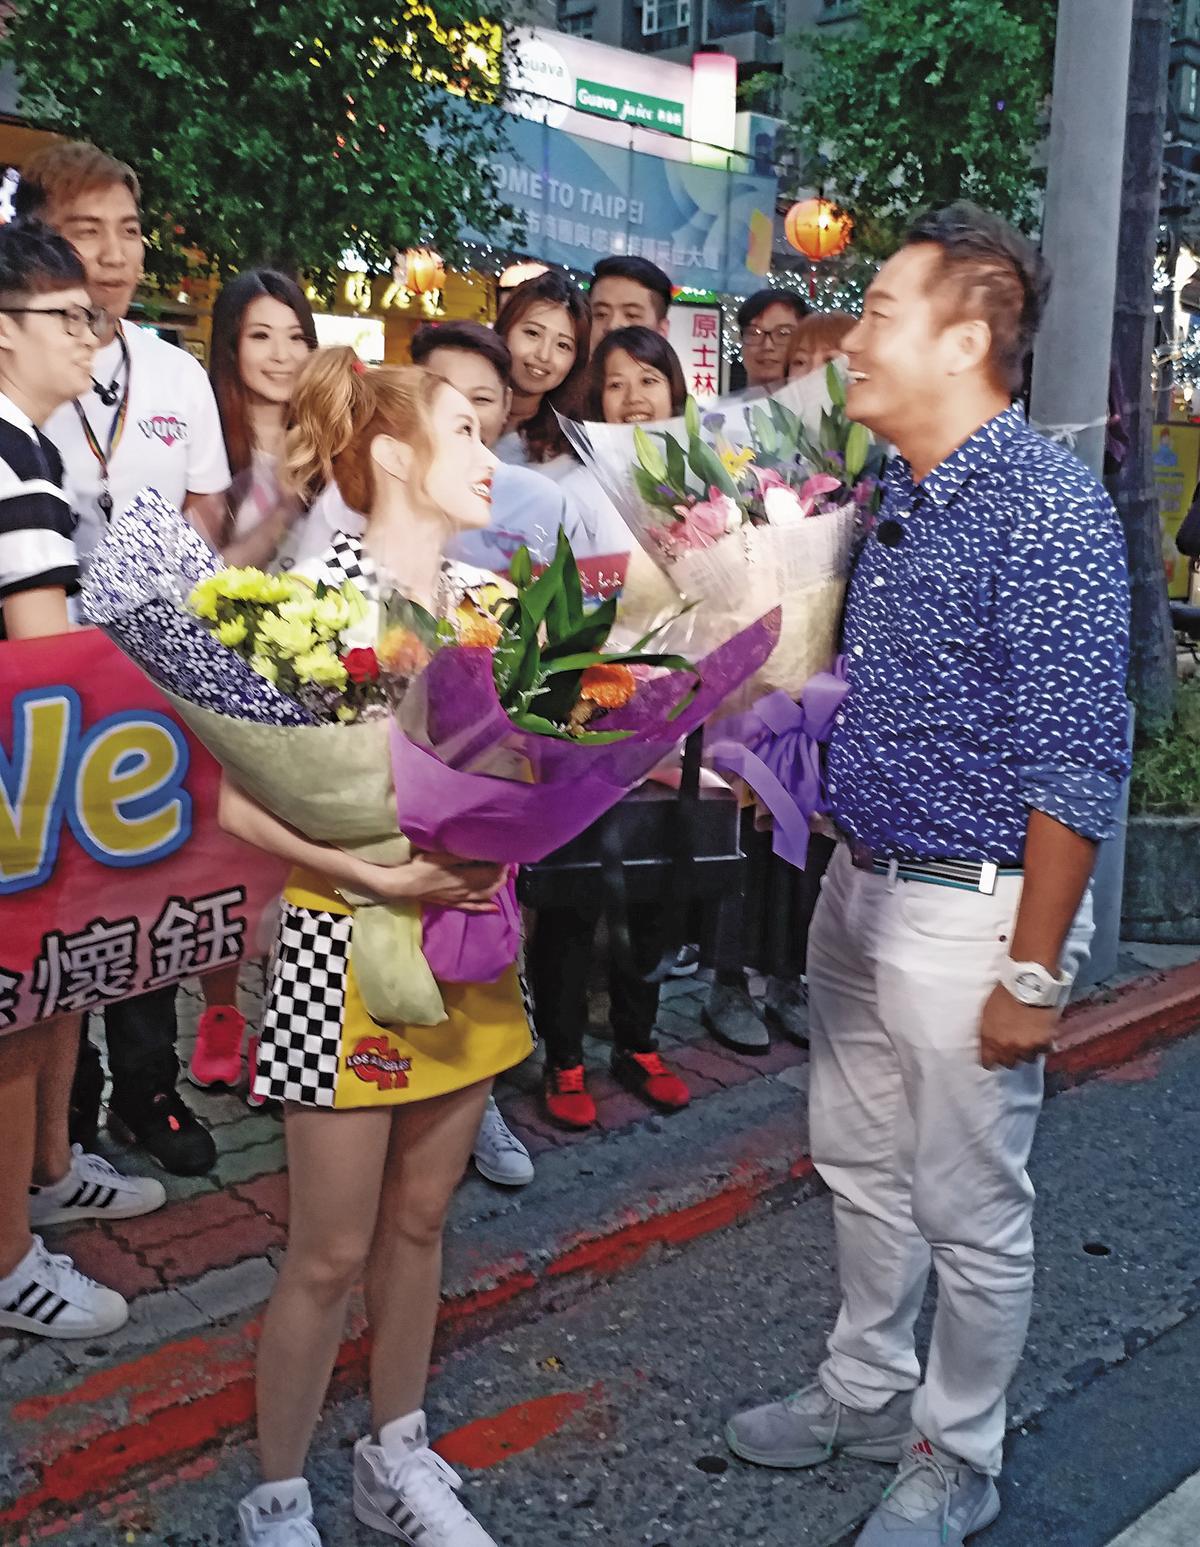 徐懷鈺復出第一炮不容有失,她親自邀請20多年好友張克帆上節目。